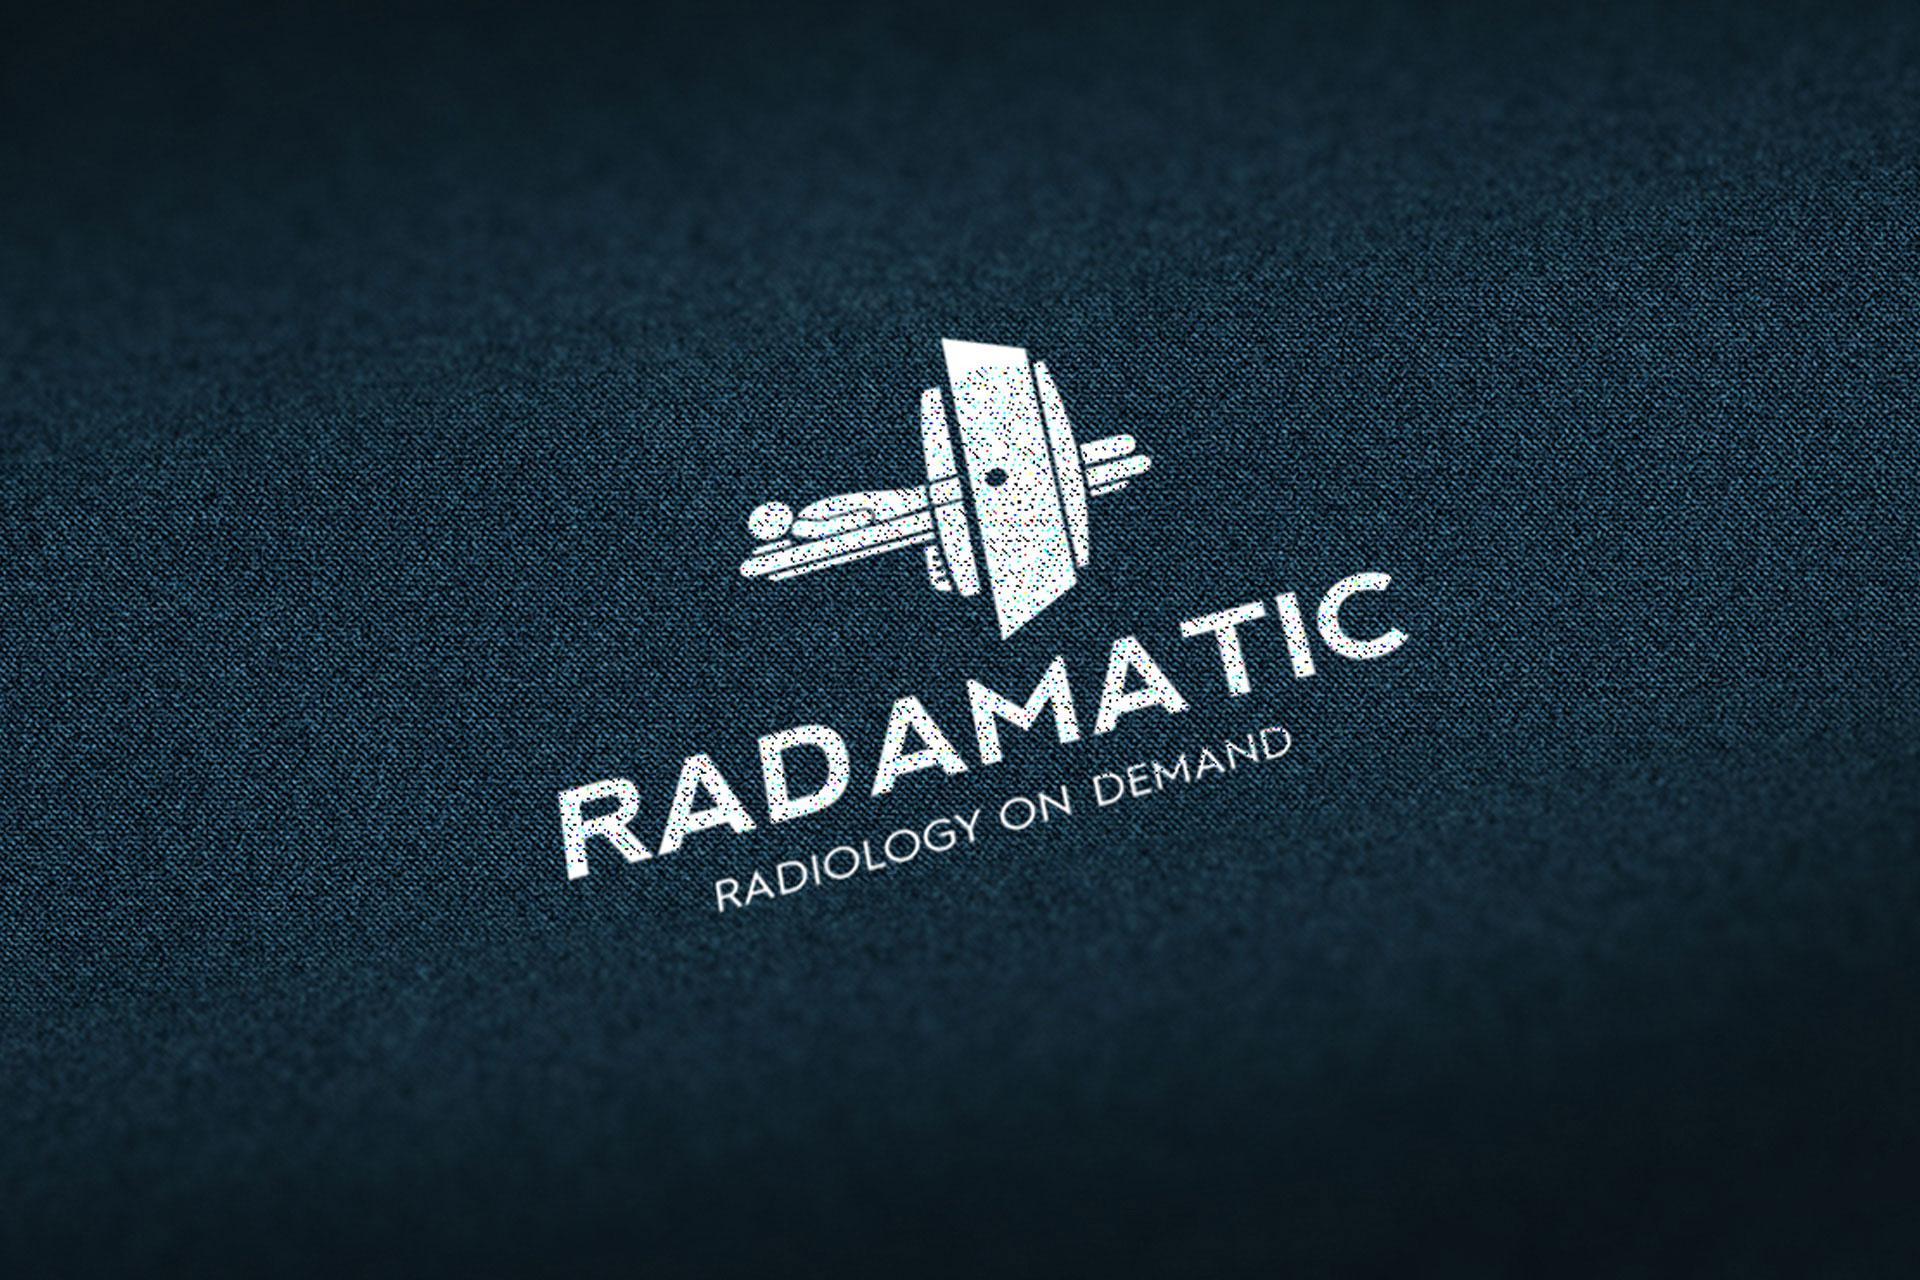 Radamatic - Graphic Design Portfolio